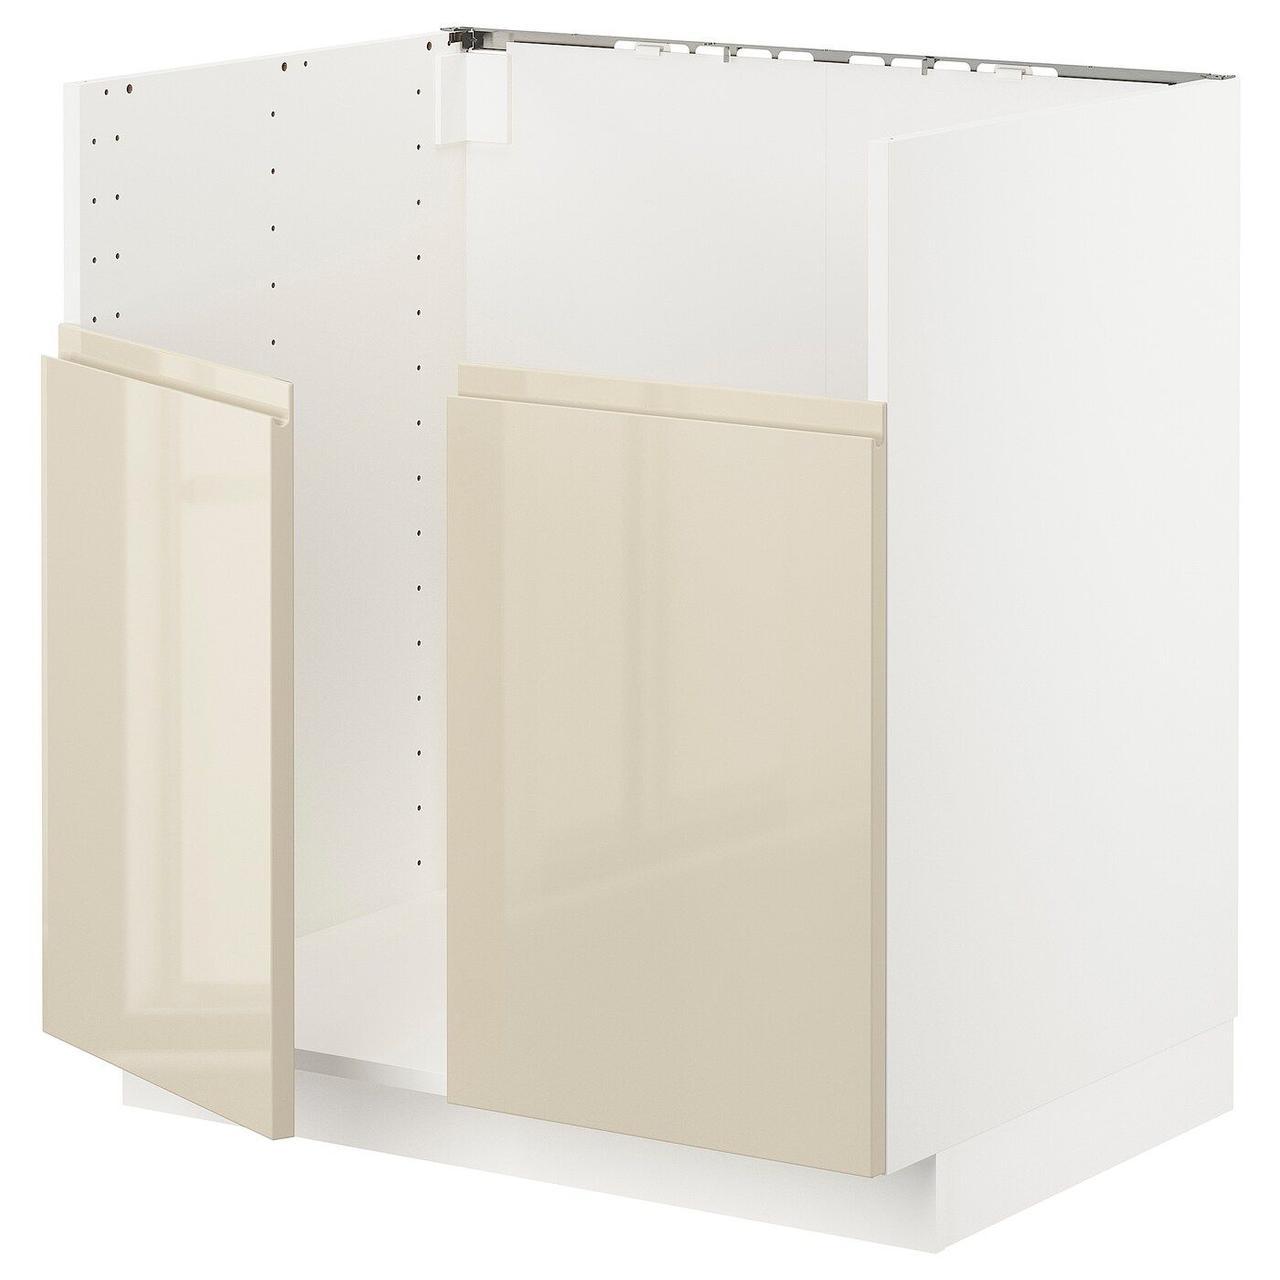 IKEA METOD (ІКЕА МЕТОДИ) 69374290